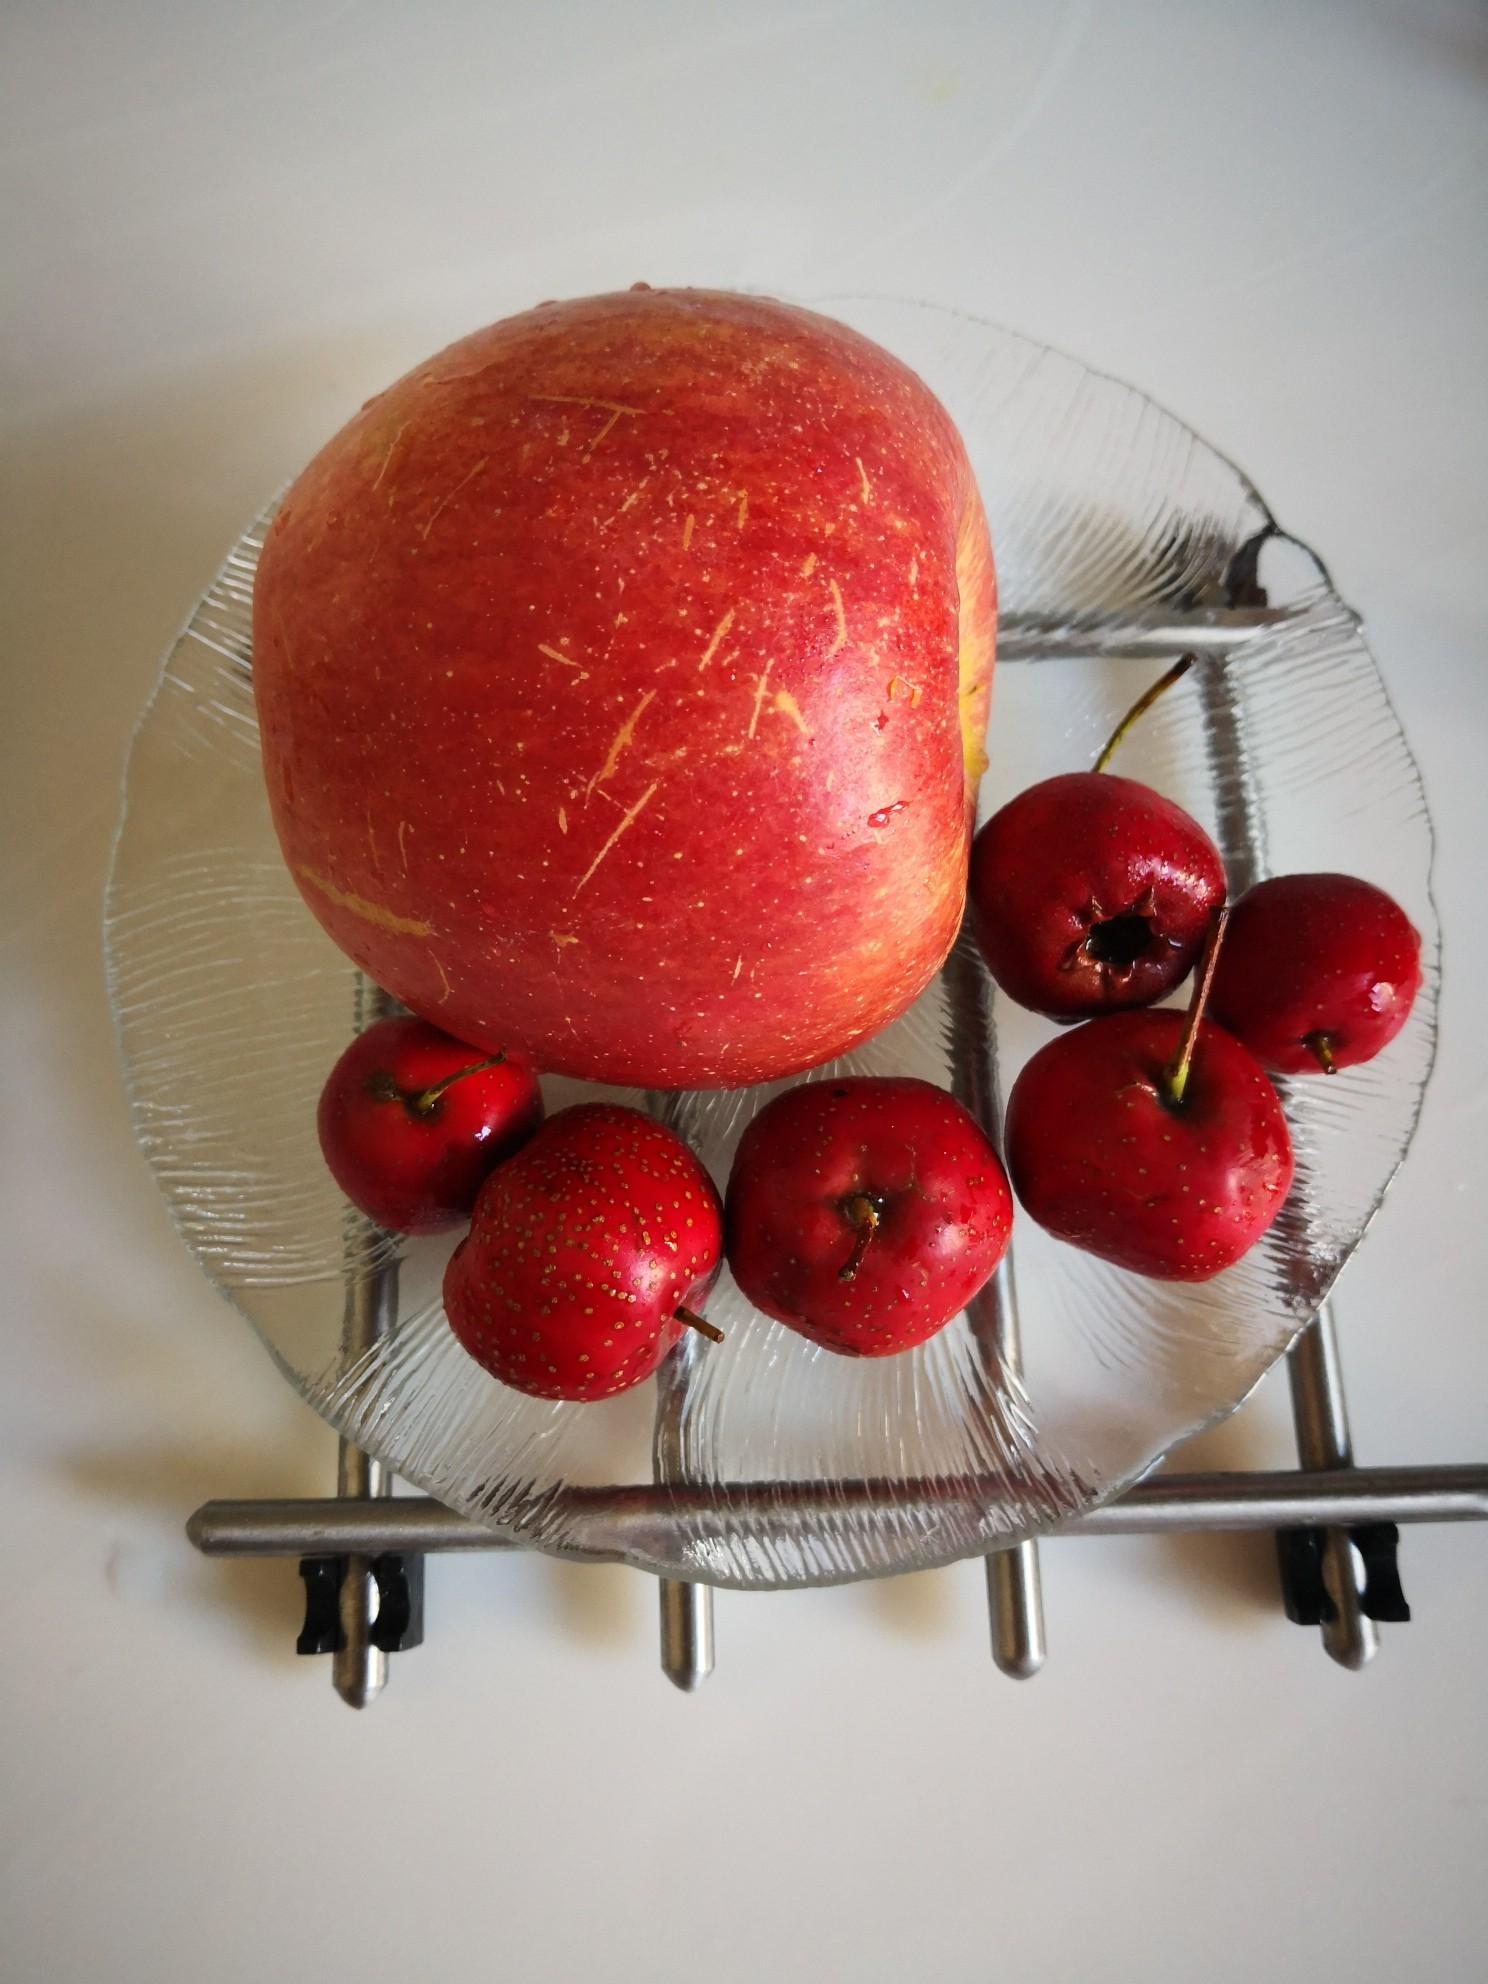 银耳苹果羹的做法大全